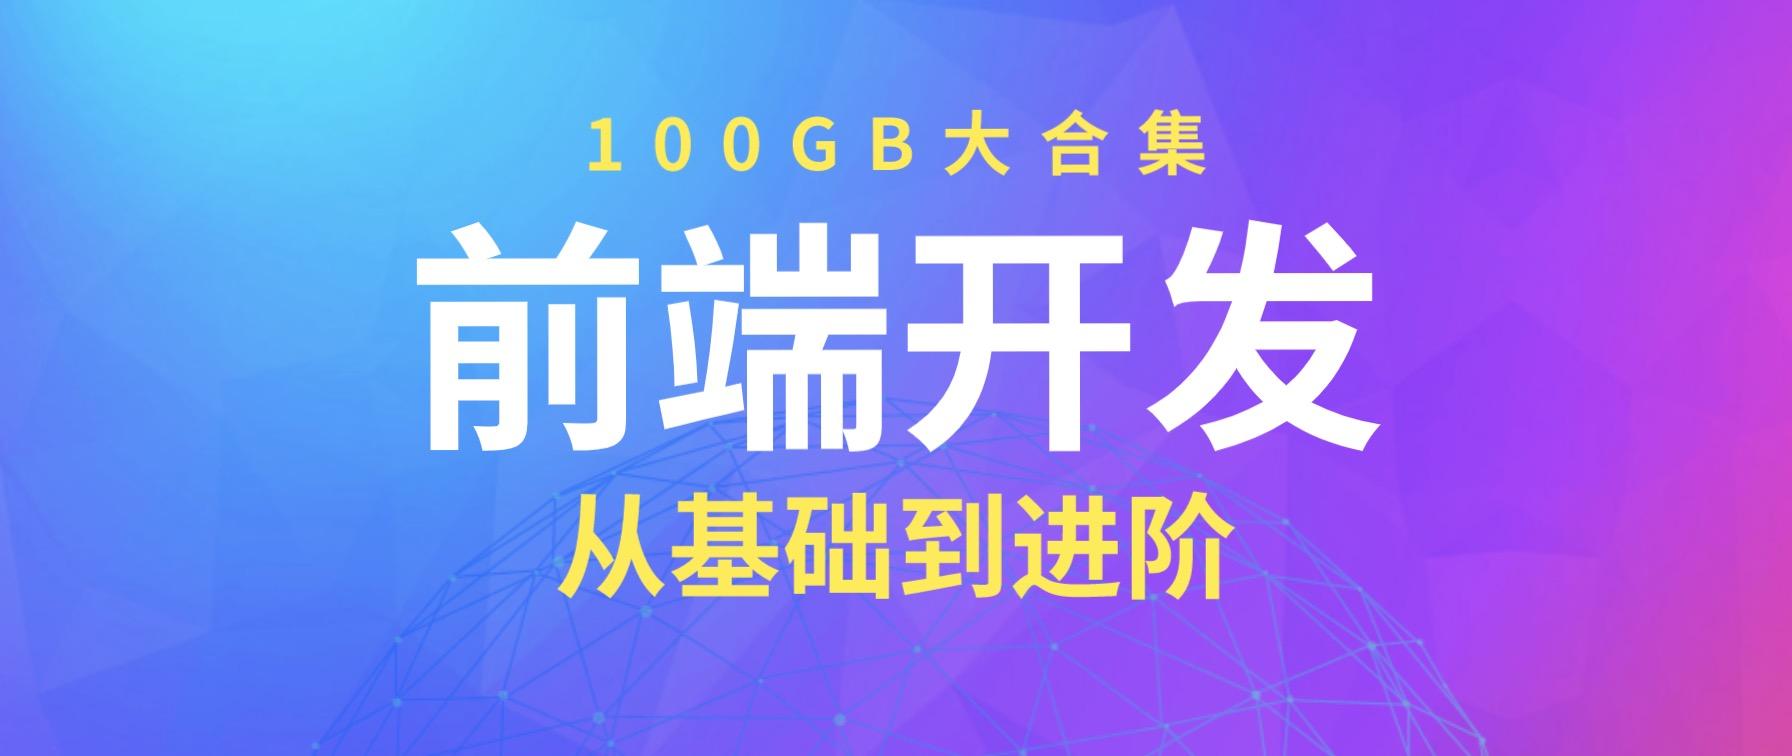 100GB前端开发教程大合集 百度网盘